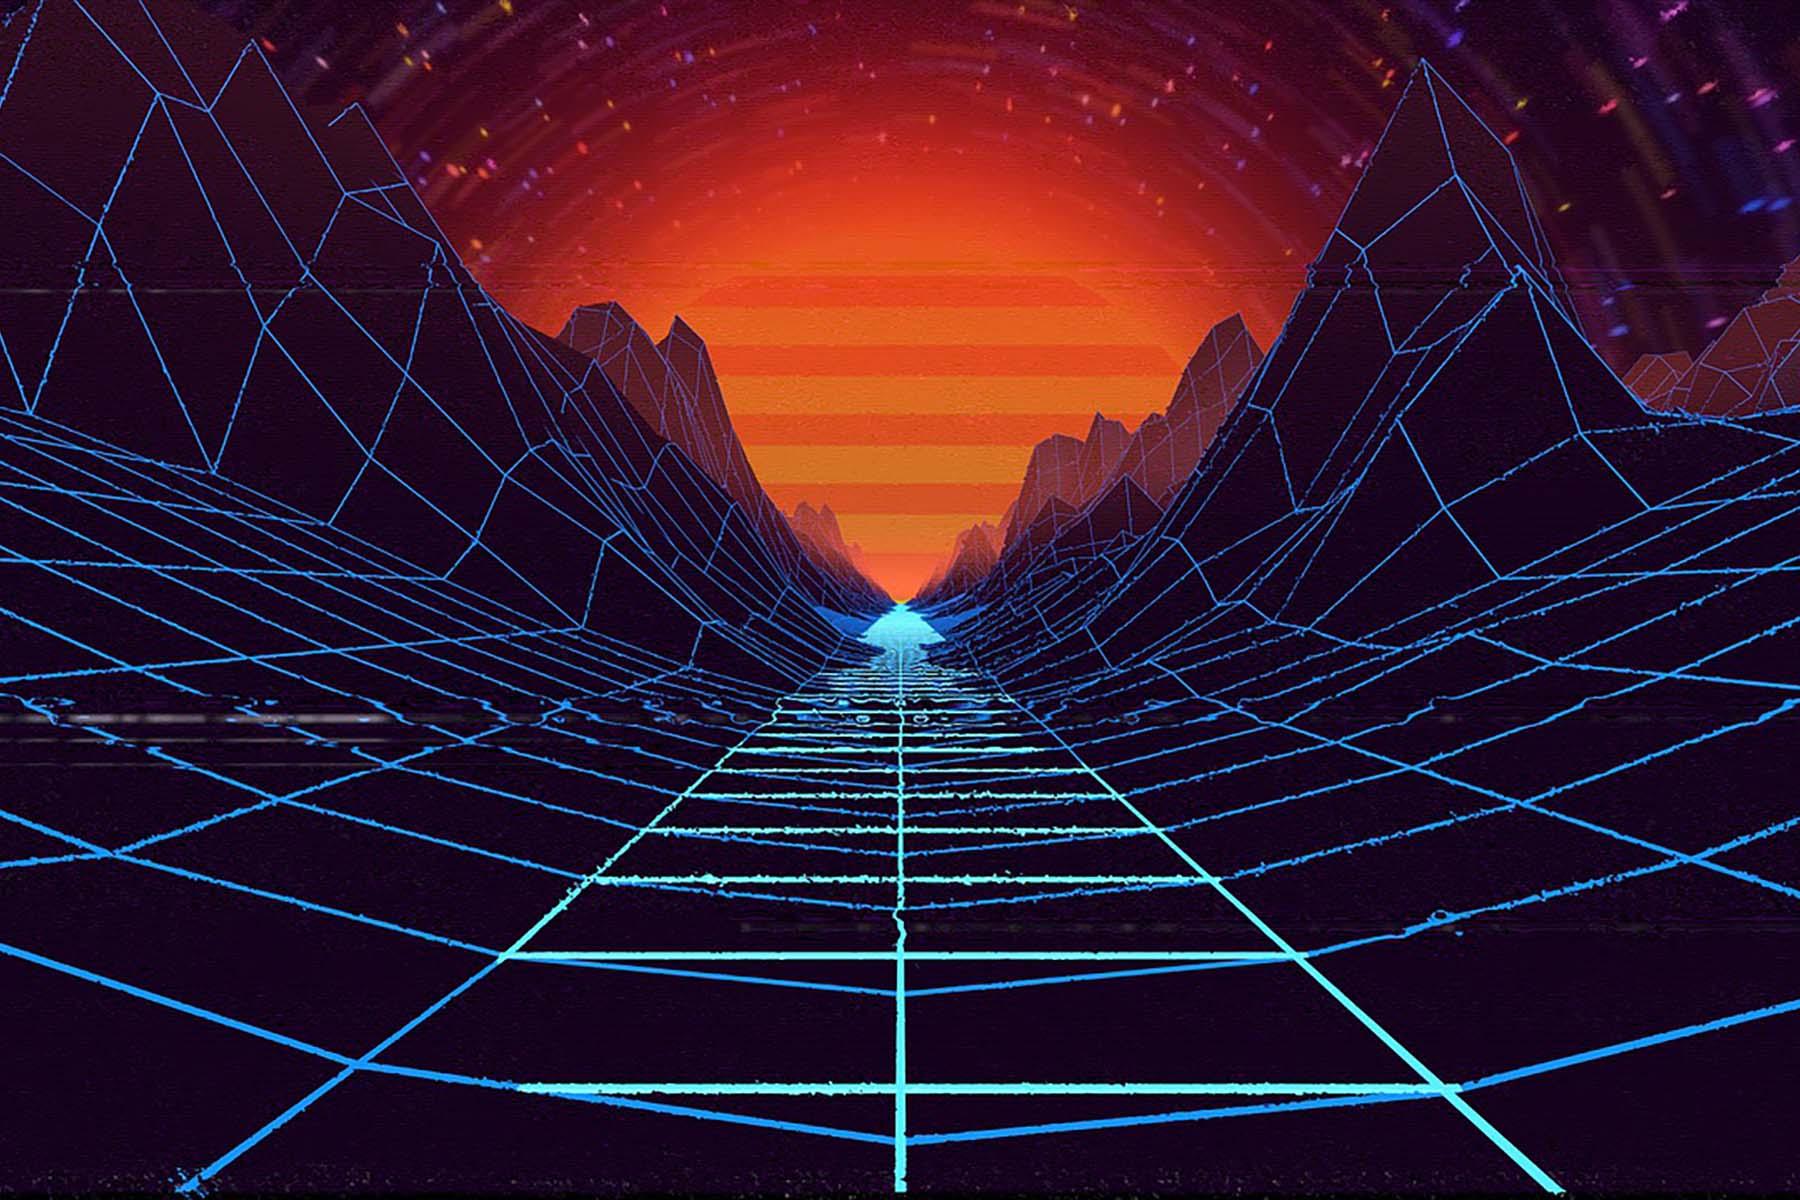 80-luvun tyylinen tietokoneen viivagrafiikalla toteutettu maisema, joka muistuttaa auringonlaskua kanjonissa